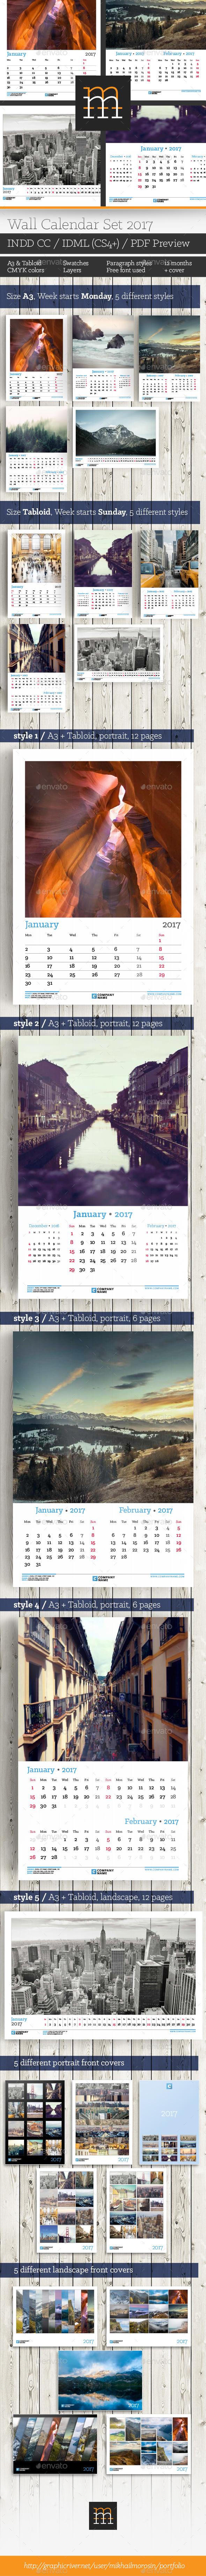 Wall Calendar Set 2017